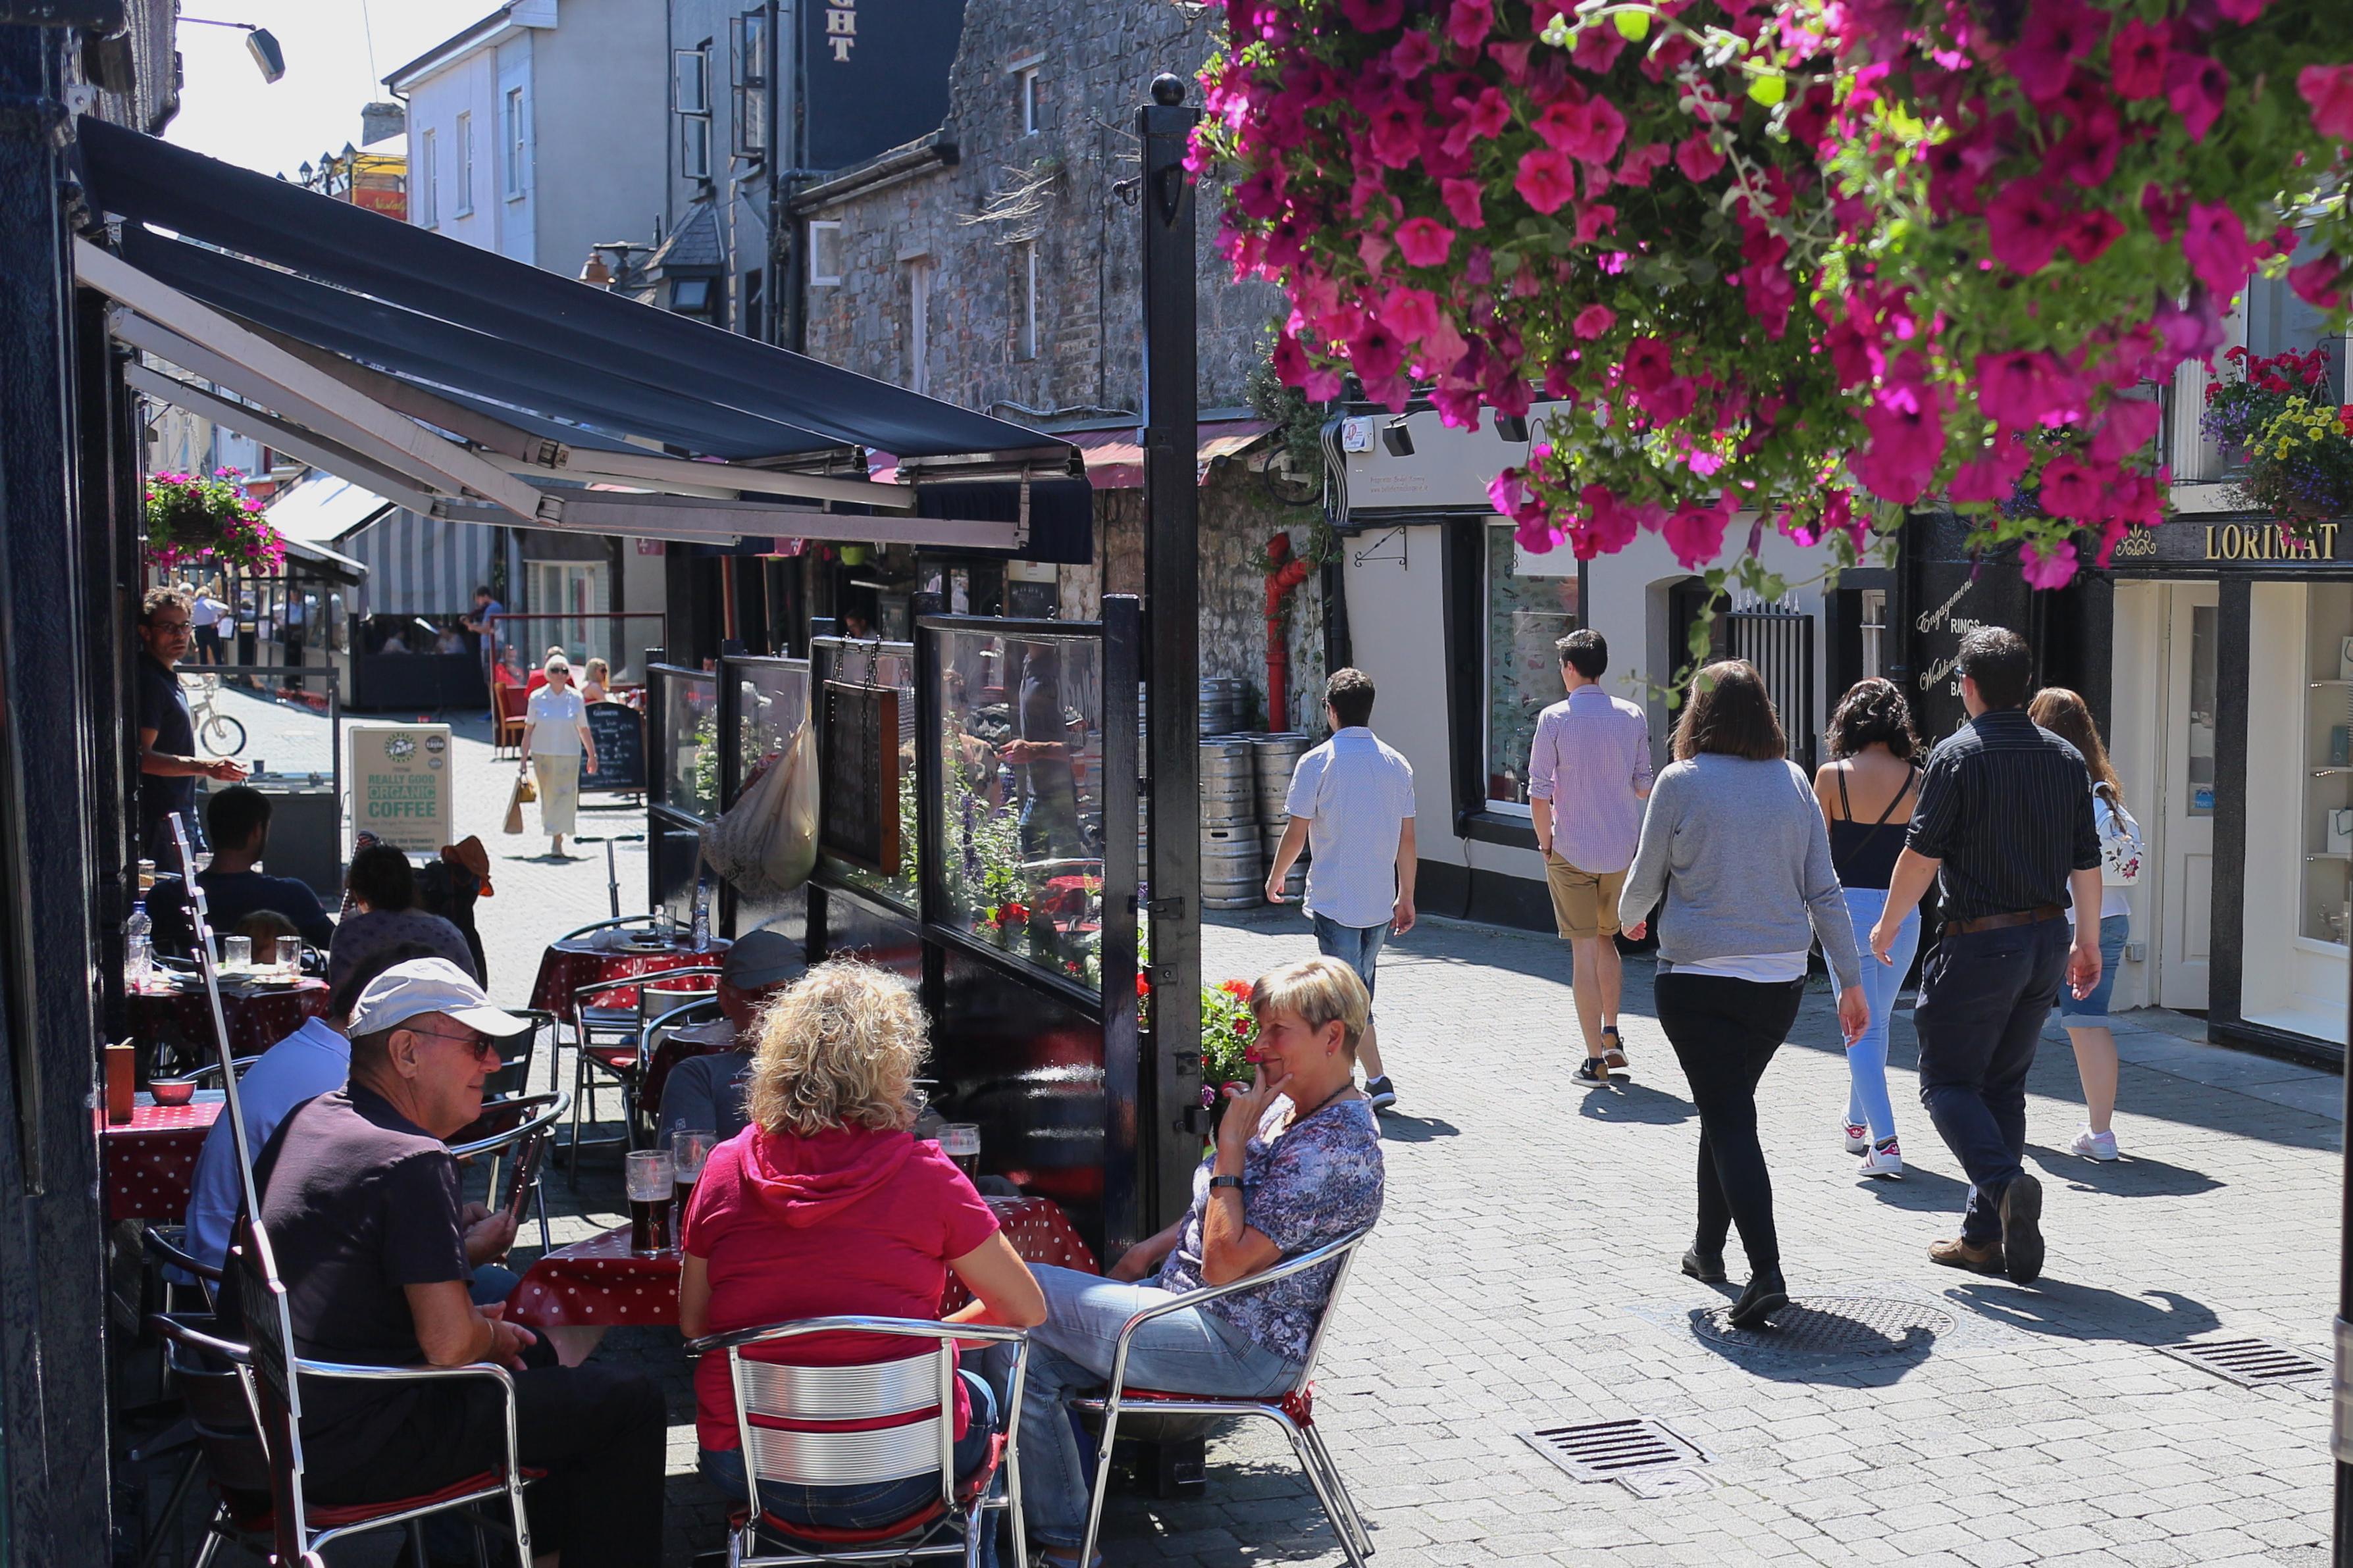 Cafe, Kieran Street, Kilkenny, butlercourt.com